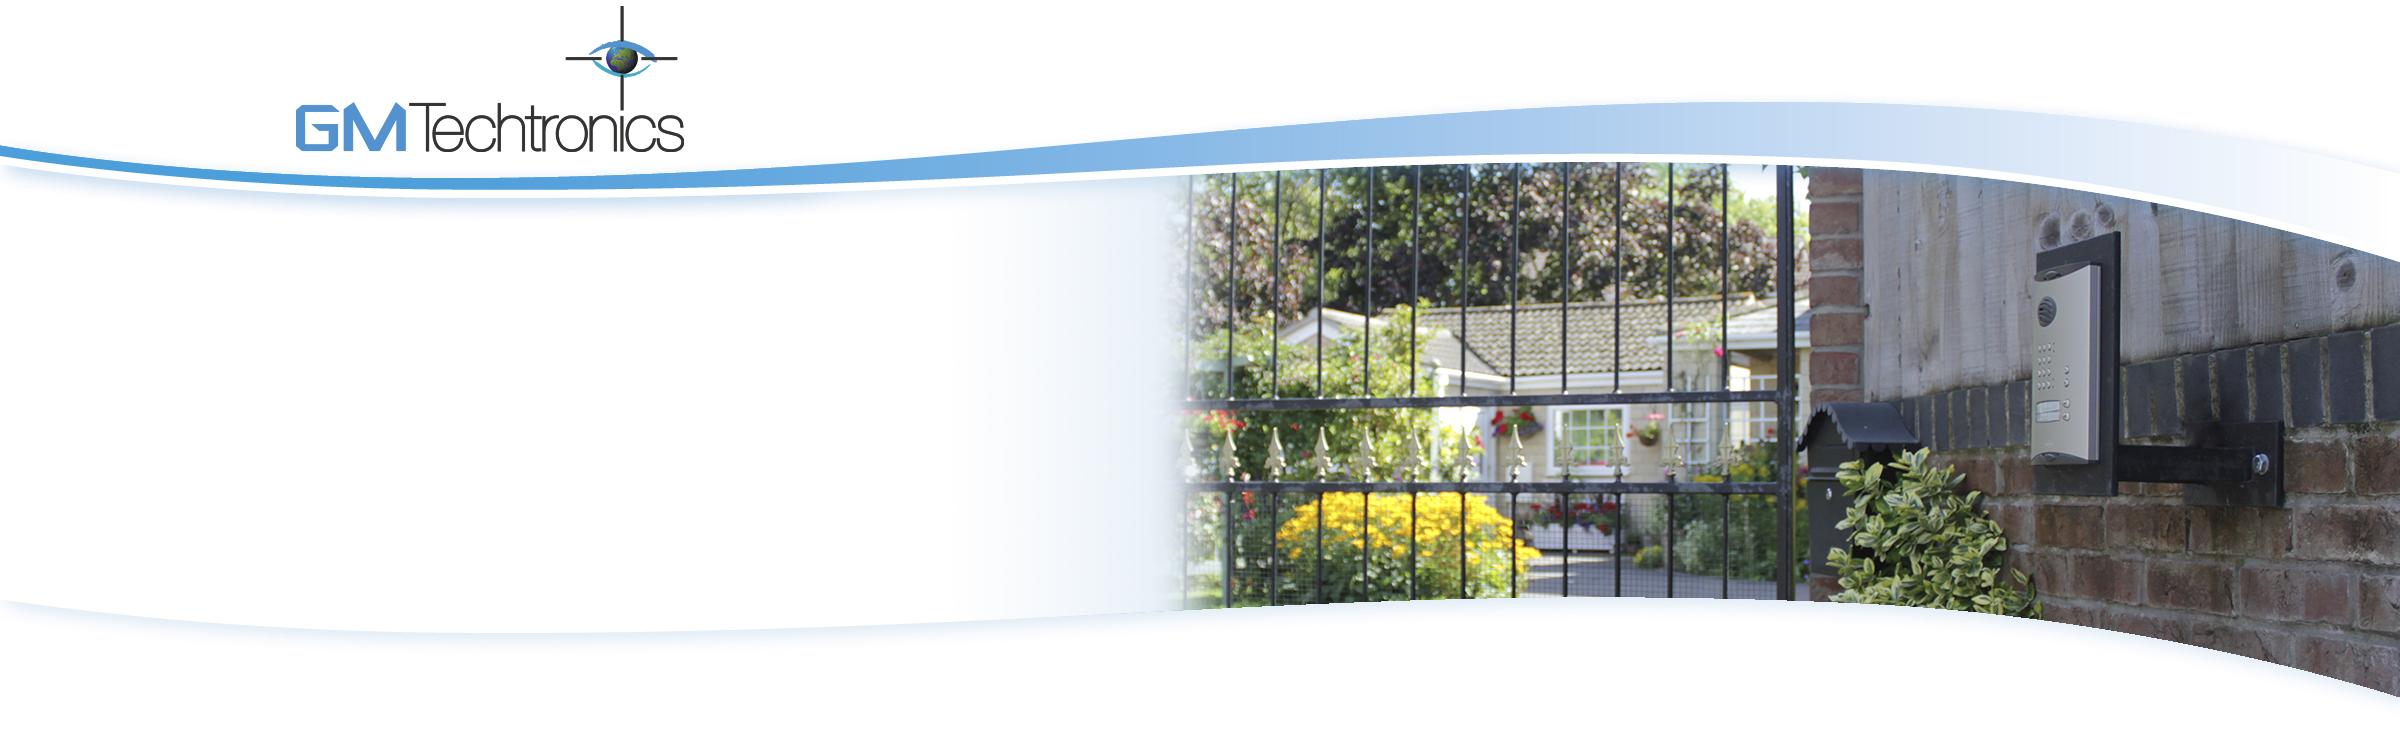 GM-Tech-slides-gate1